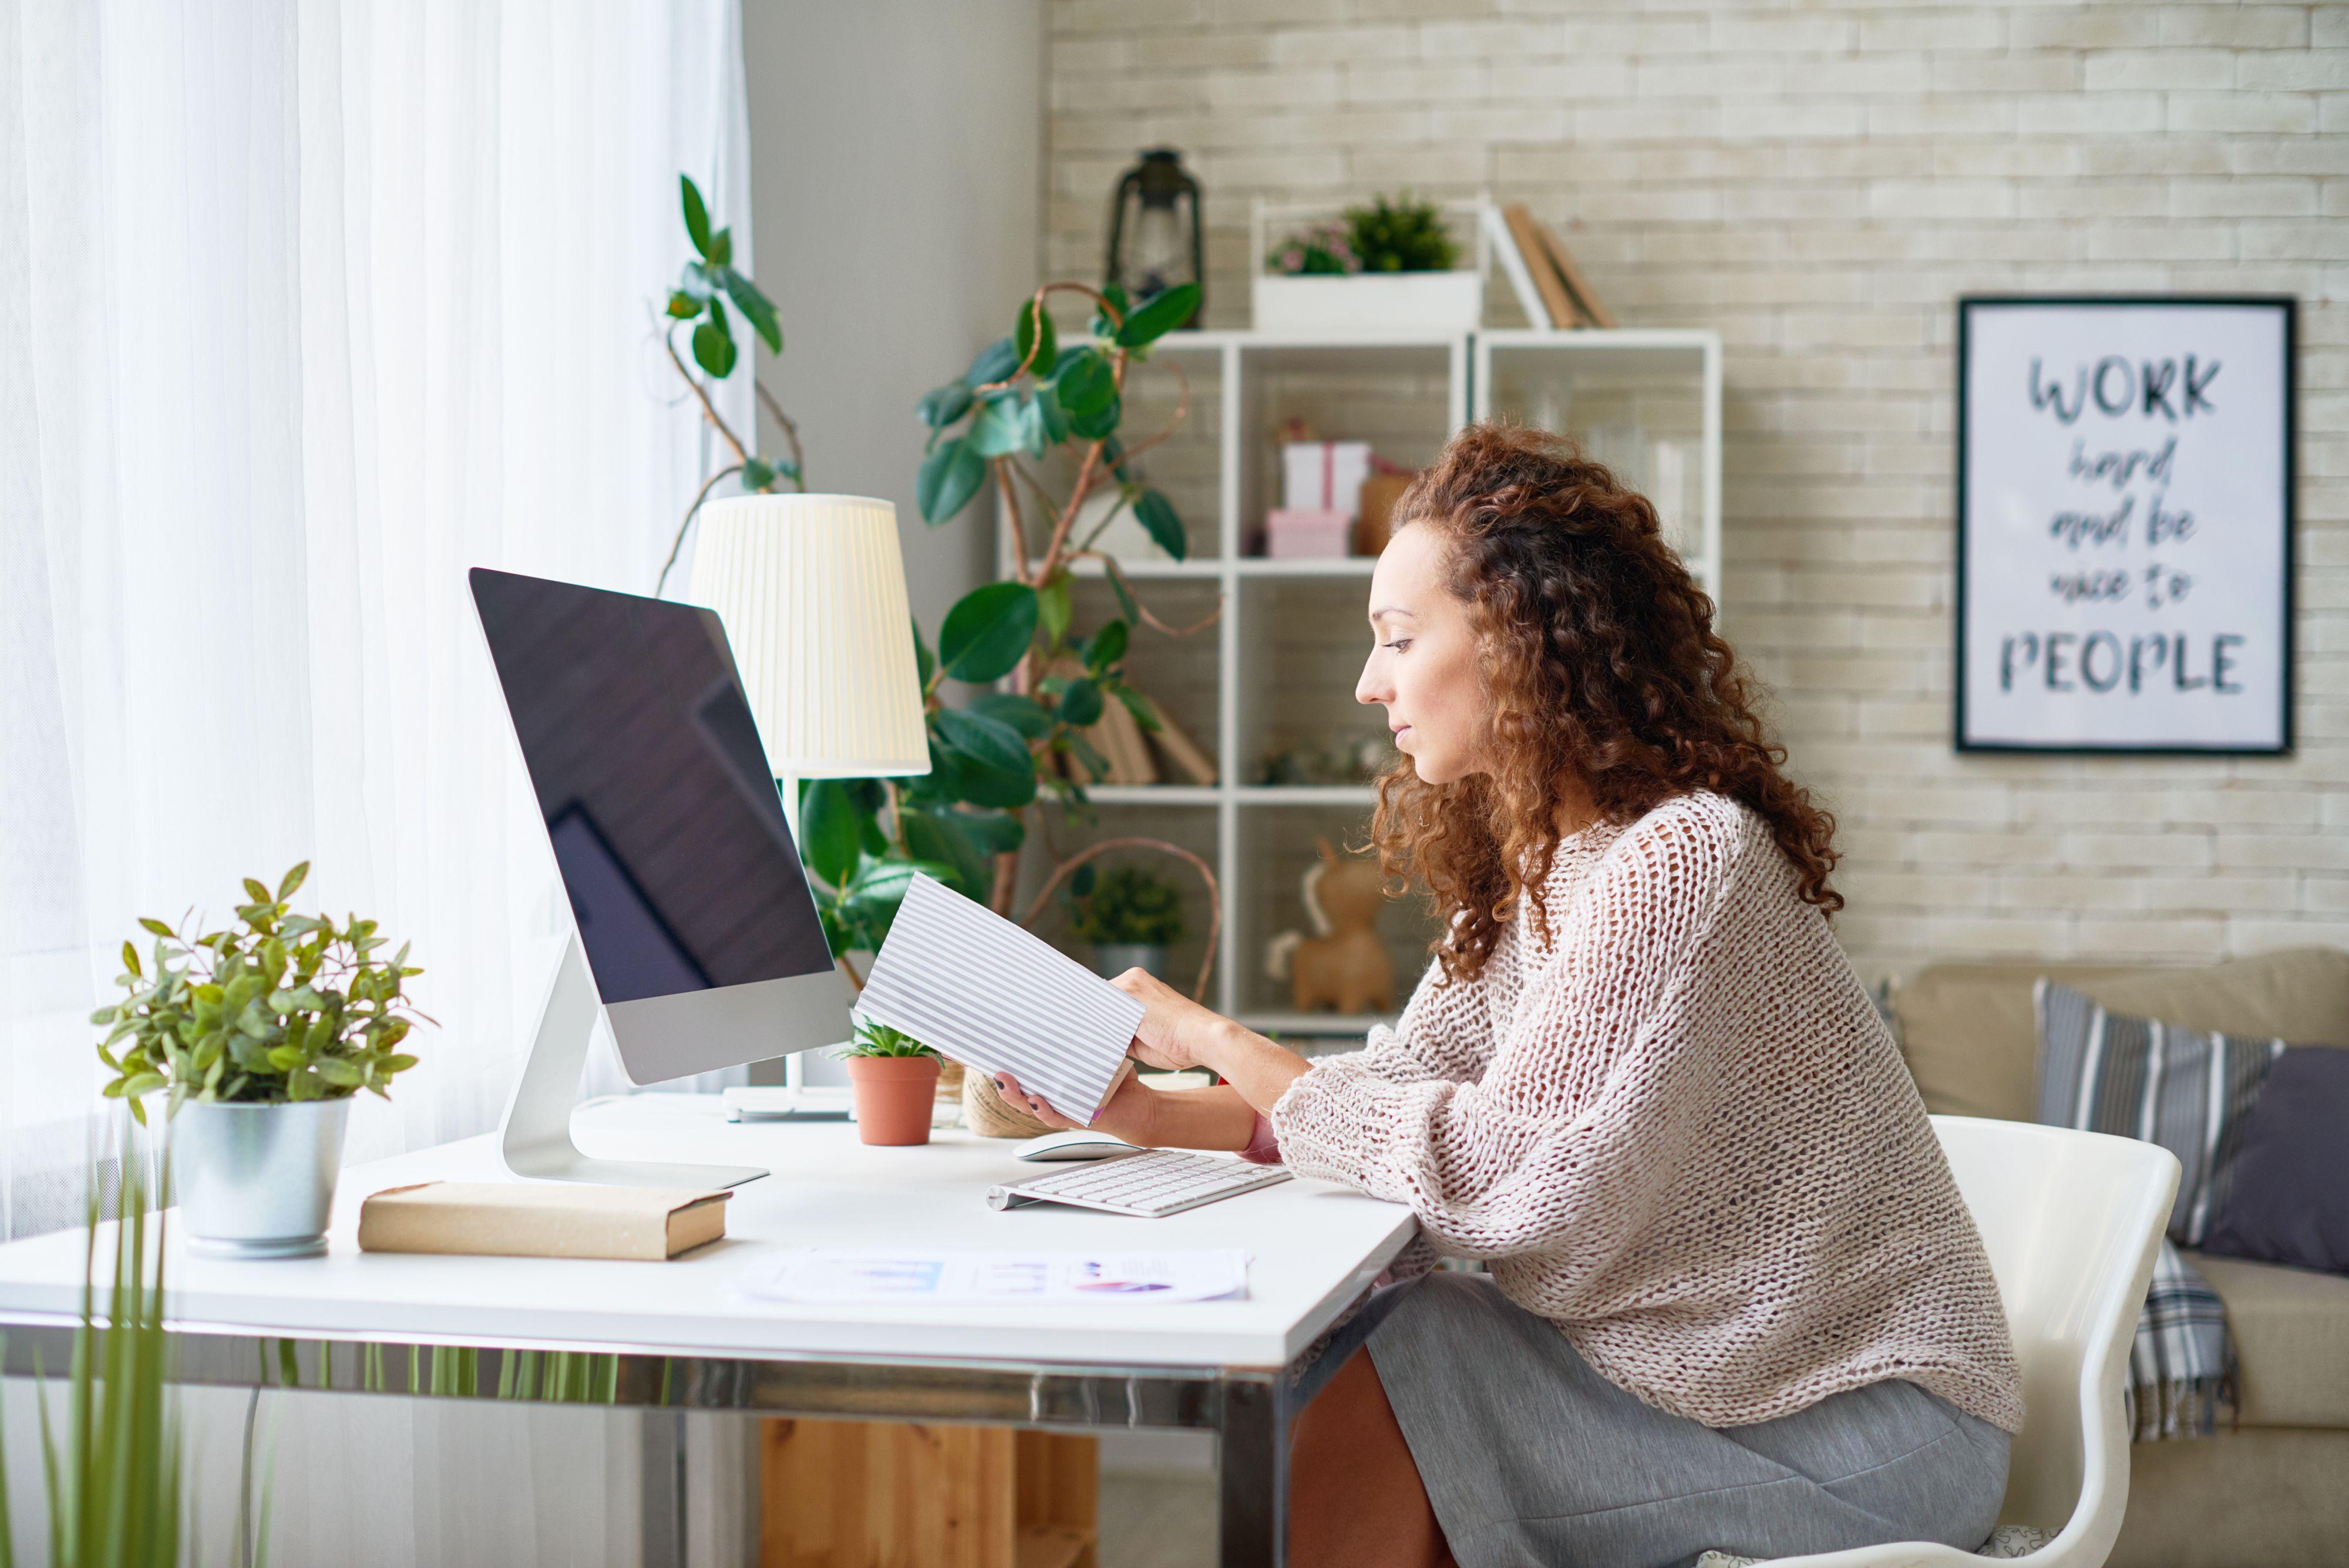 Gig economy jest związana z elastycznością - pozwala na pracę z dowolnego miejsca na ziemi, w dowolnym czasie. (Fot. Shutterstock)